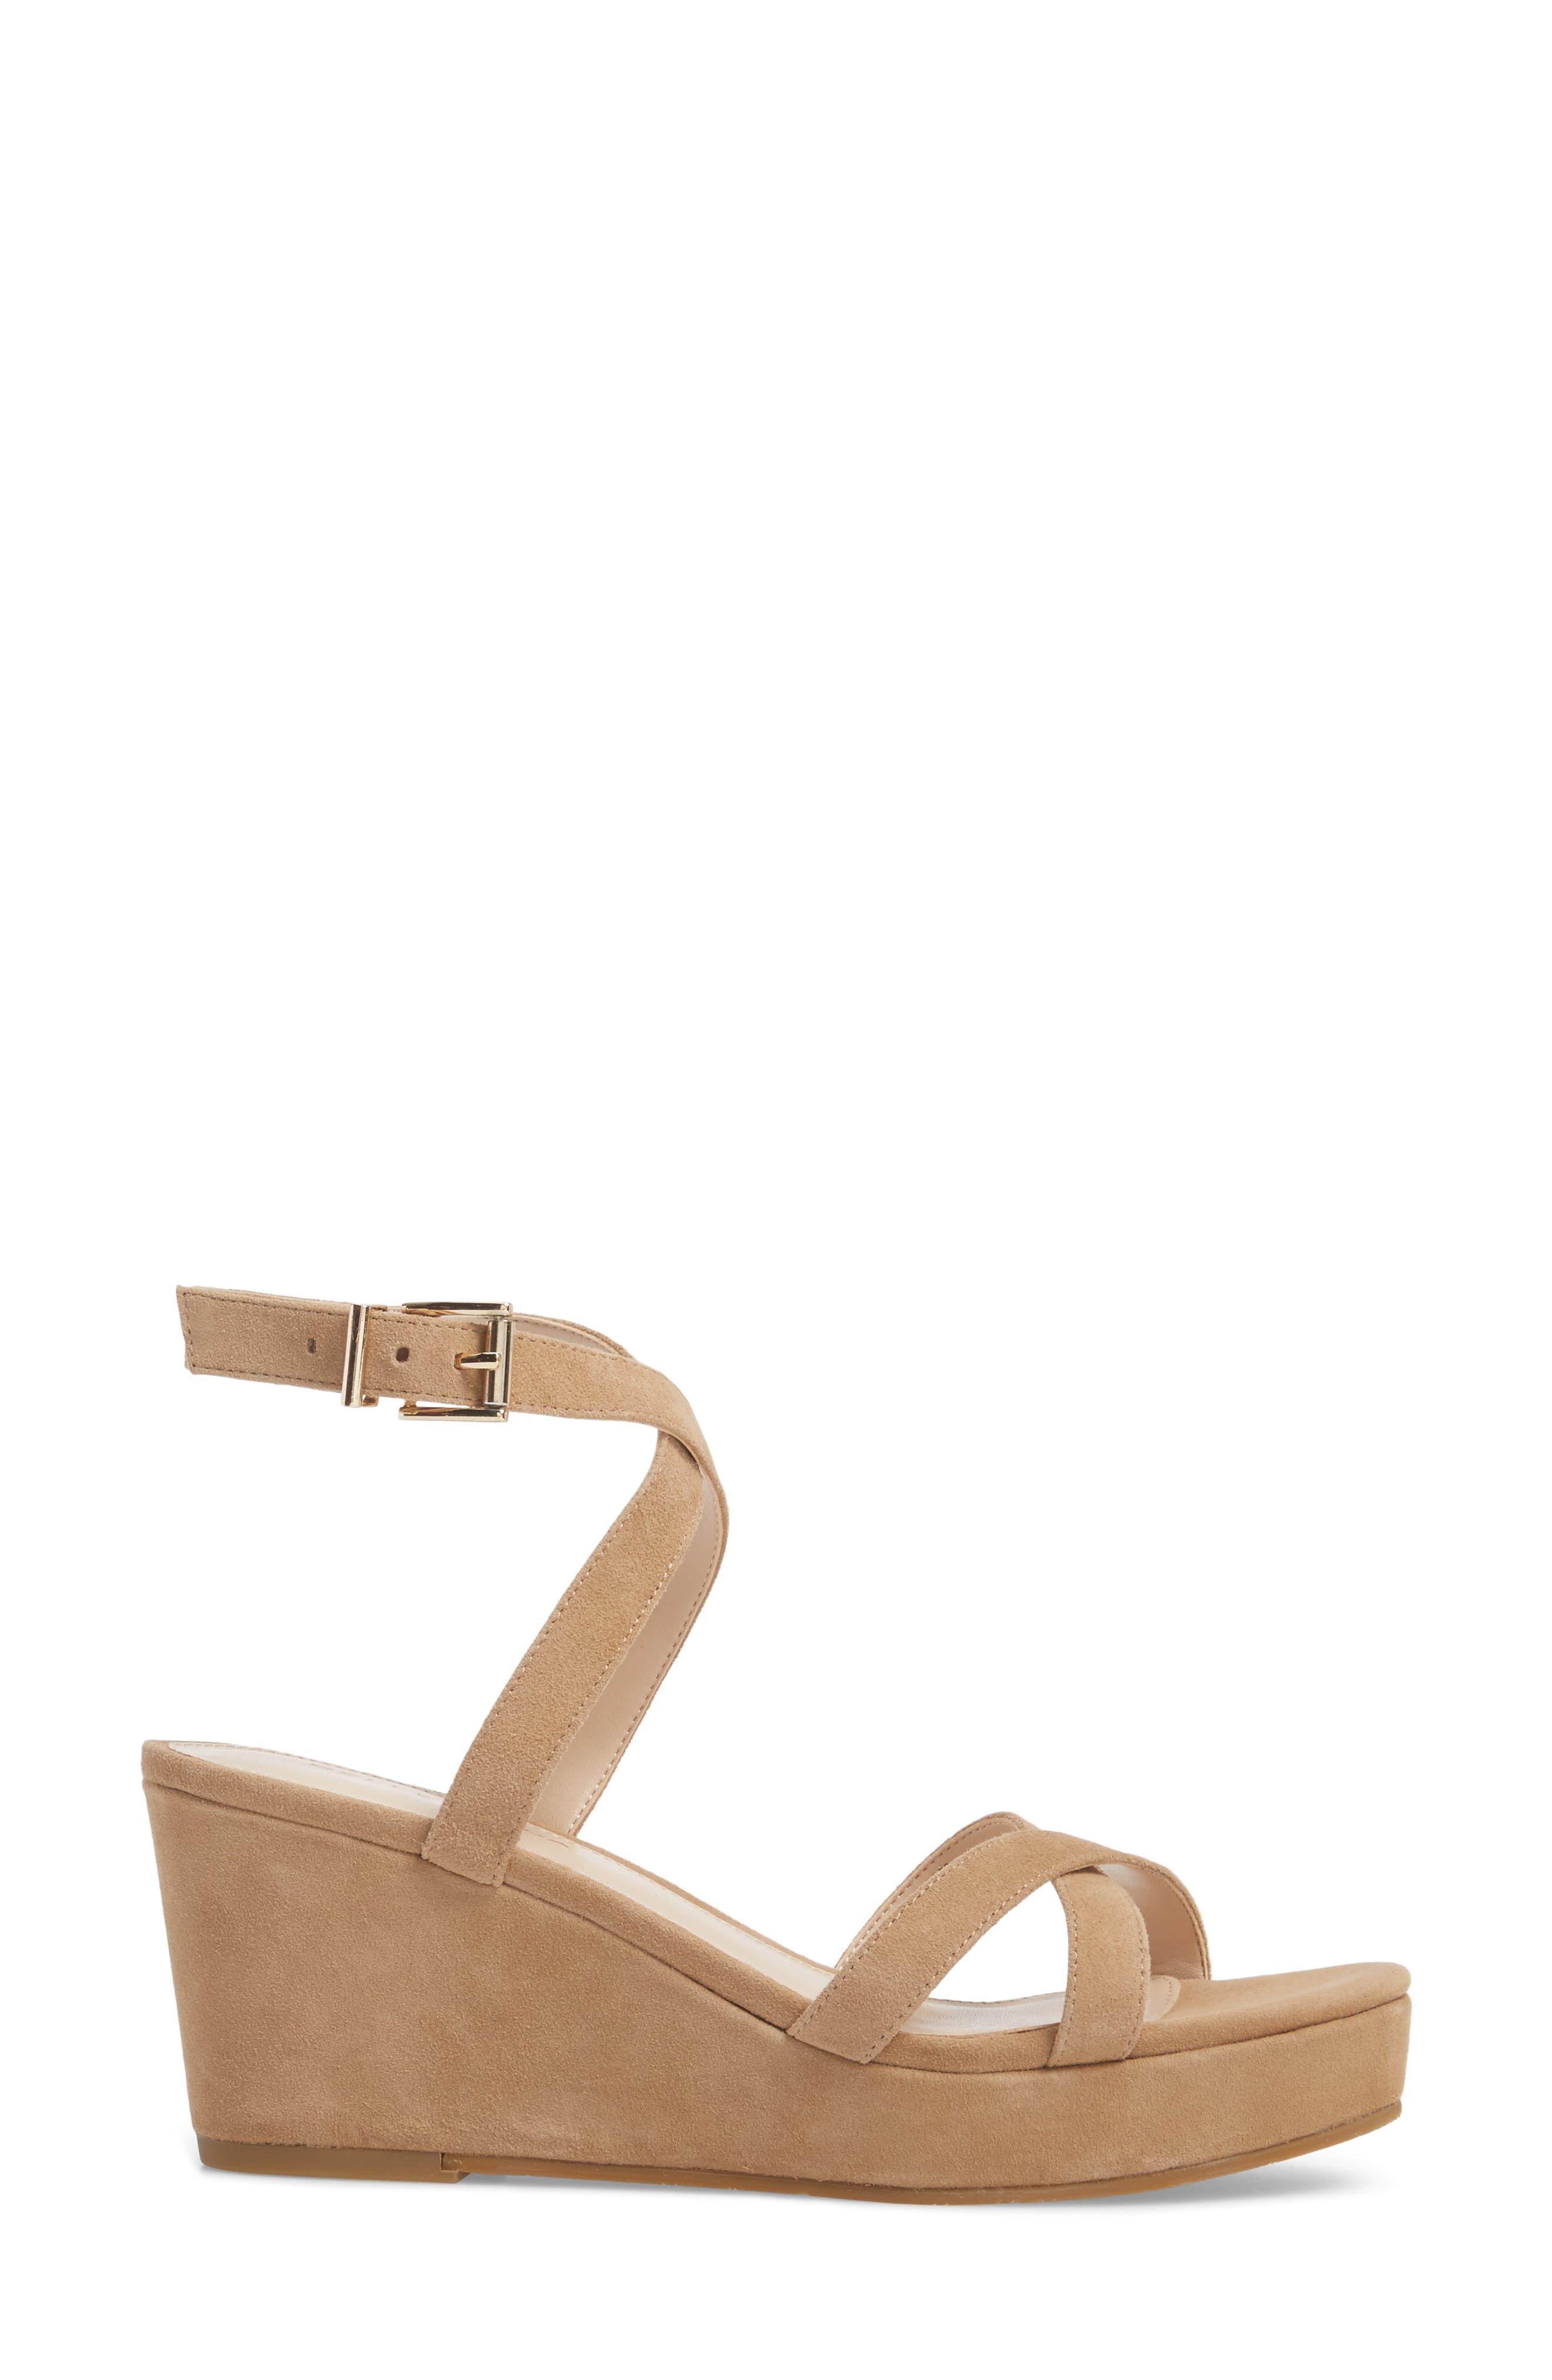 Alternate Image 3  - Pelle Moda Keo2 Platform Wedge Sandal (Women)